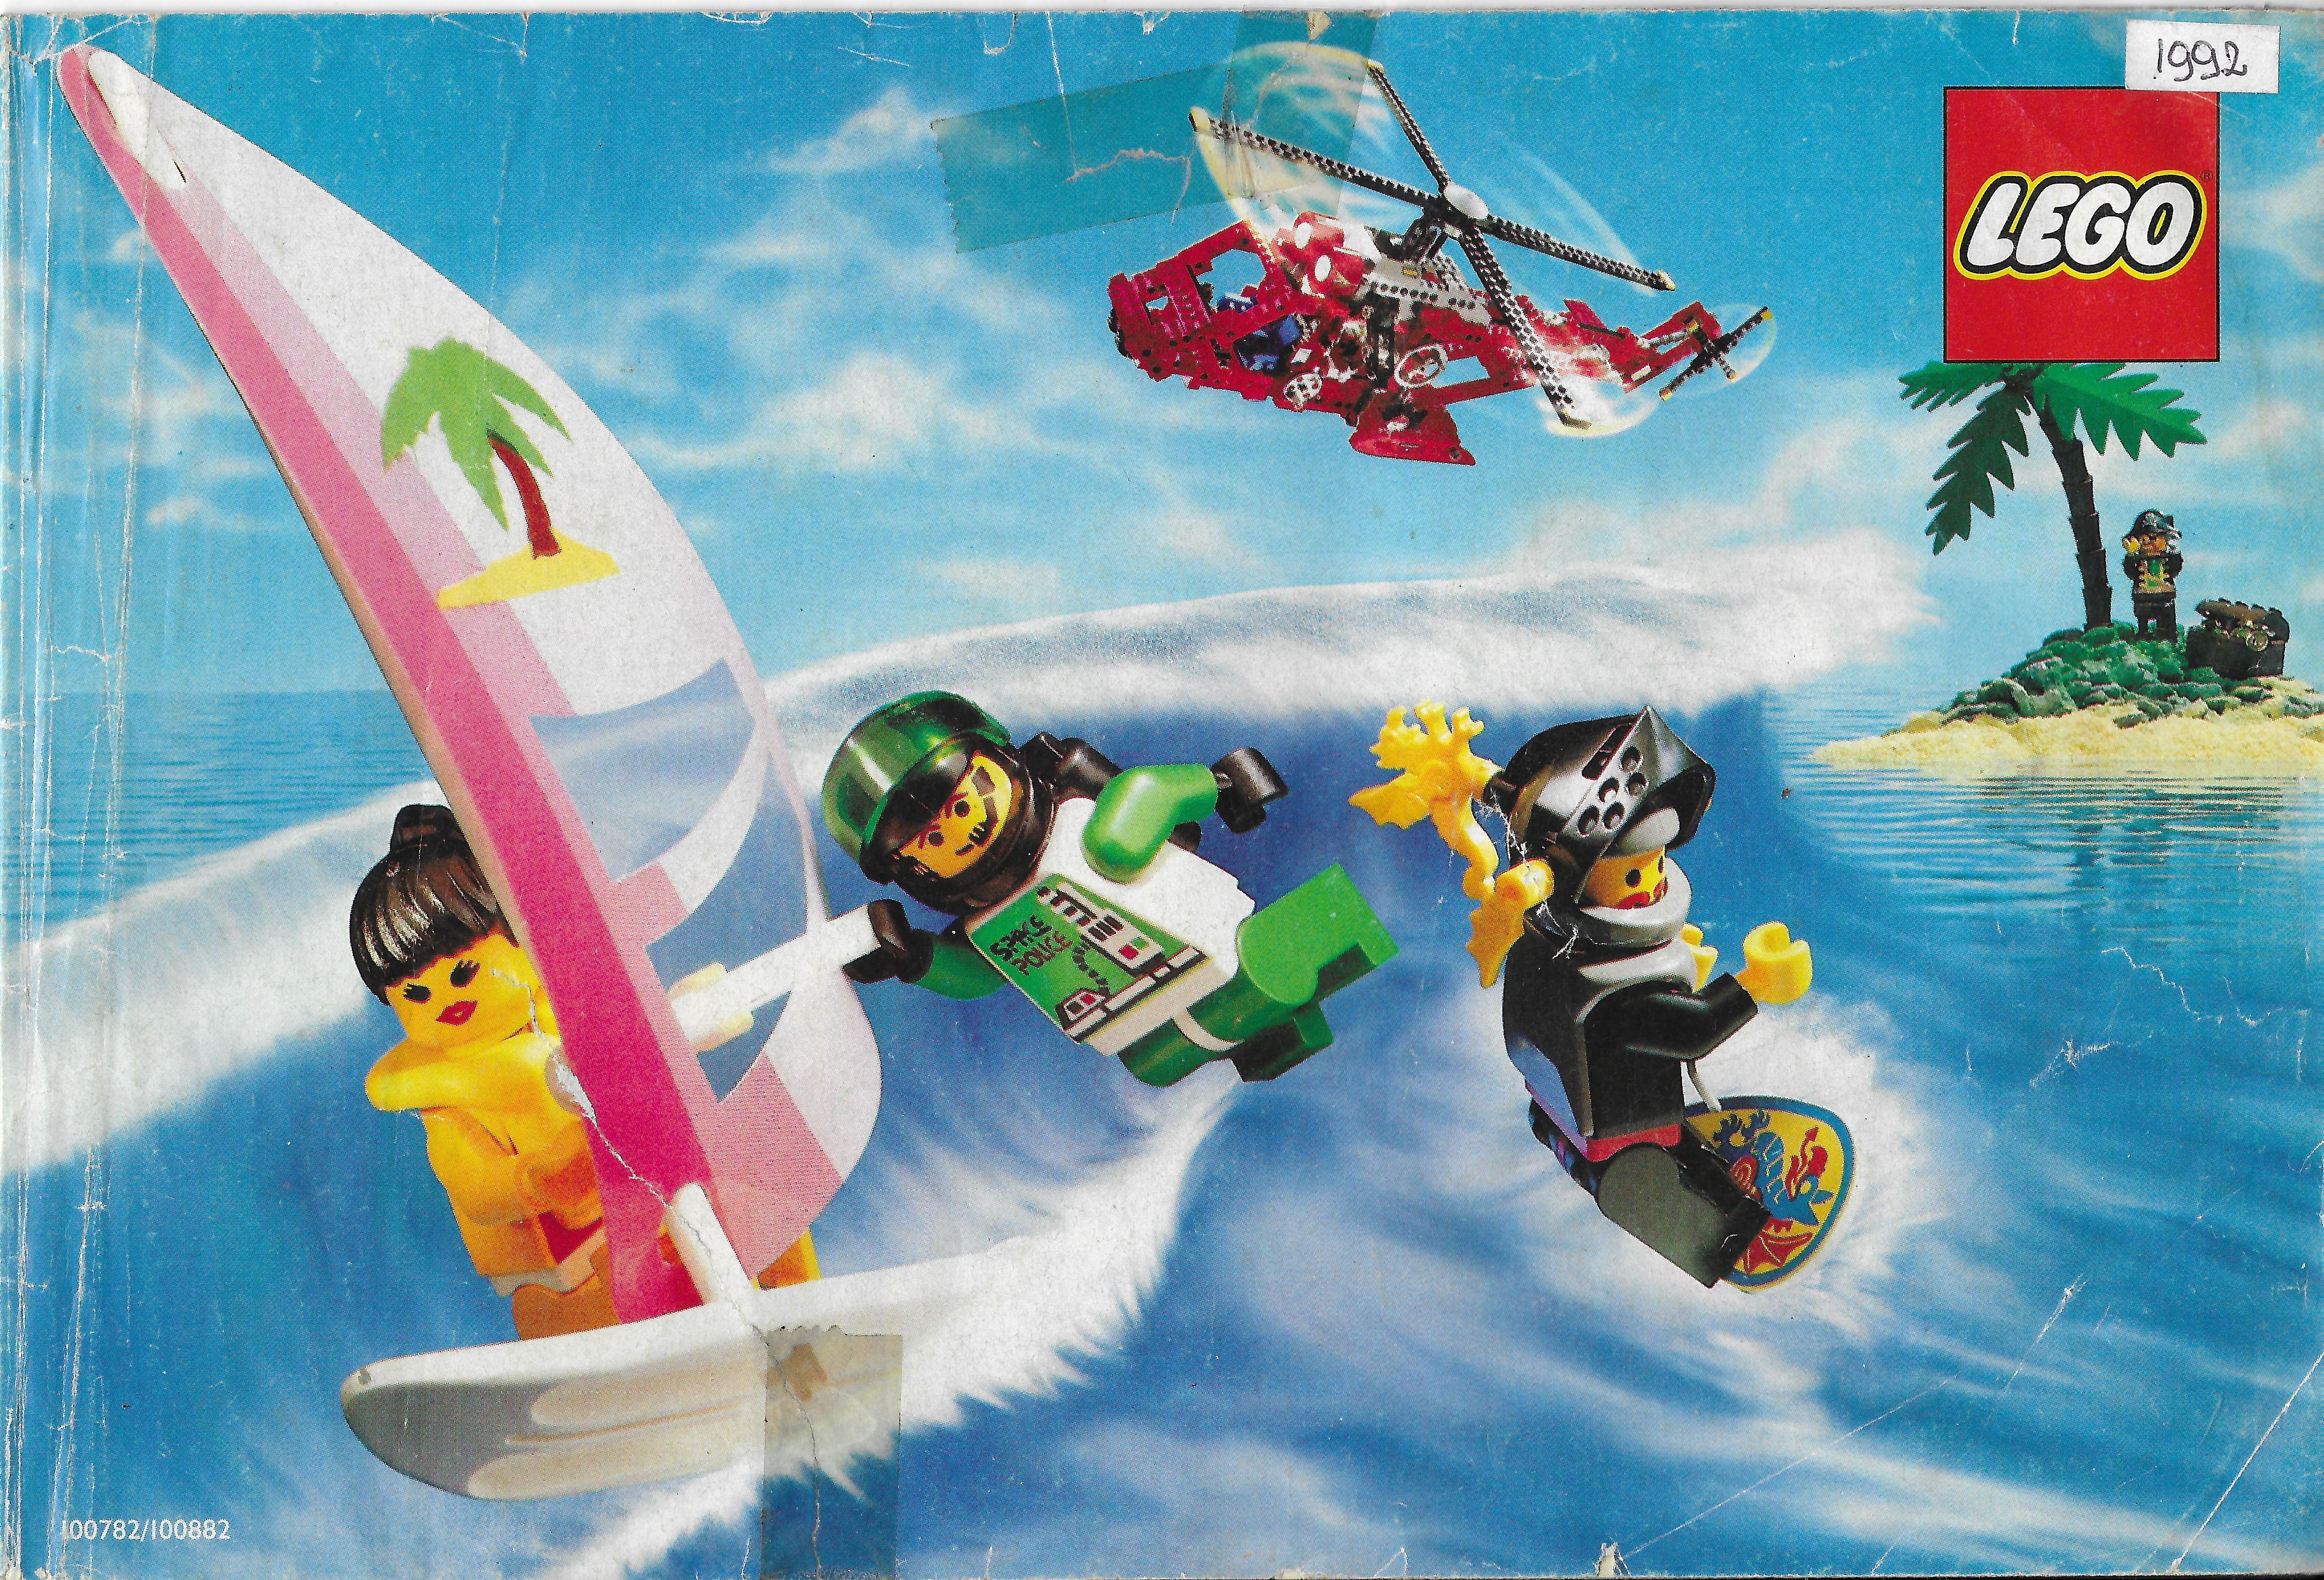 Európai Lego katalógus 1992-ből